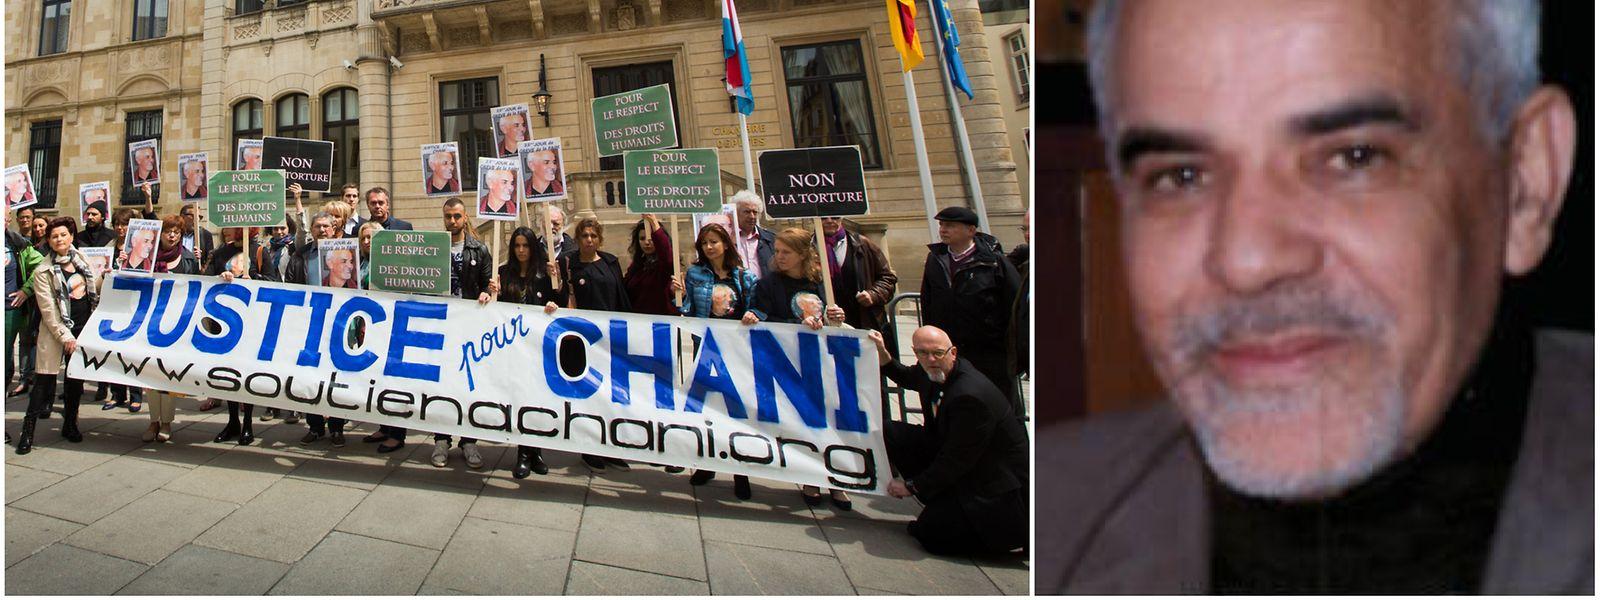 Ein Unterstützerkomitee demonstriert im Juni 2015 vor der Chamber für die Freilassung von Majdoub Chani.